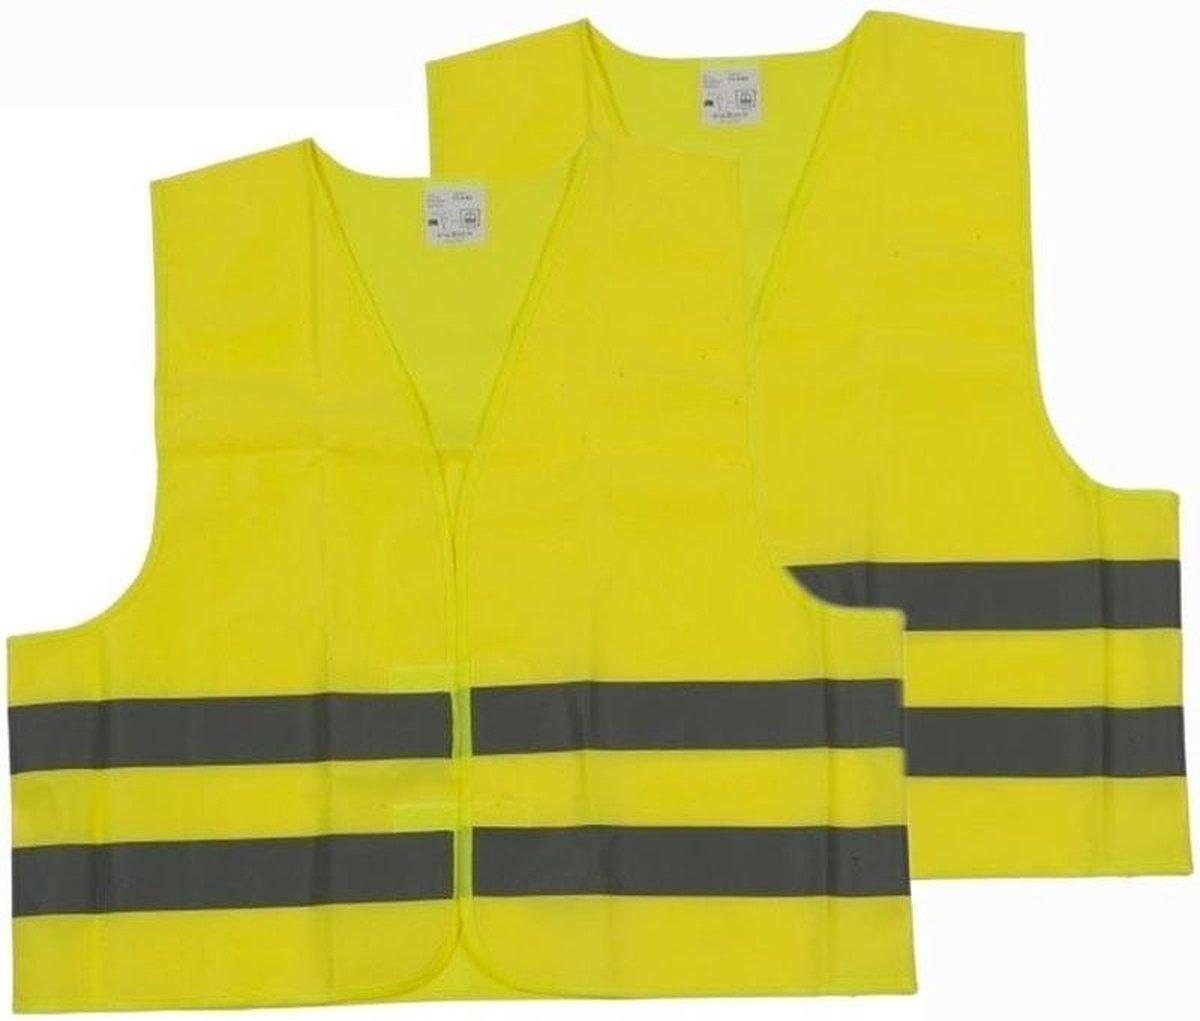 Veiligheidshesjes - Geel - 2 stuks voor volwassenen